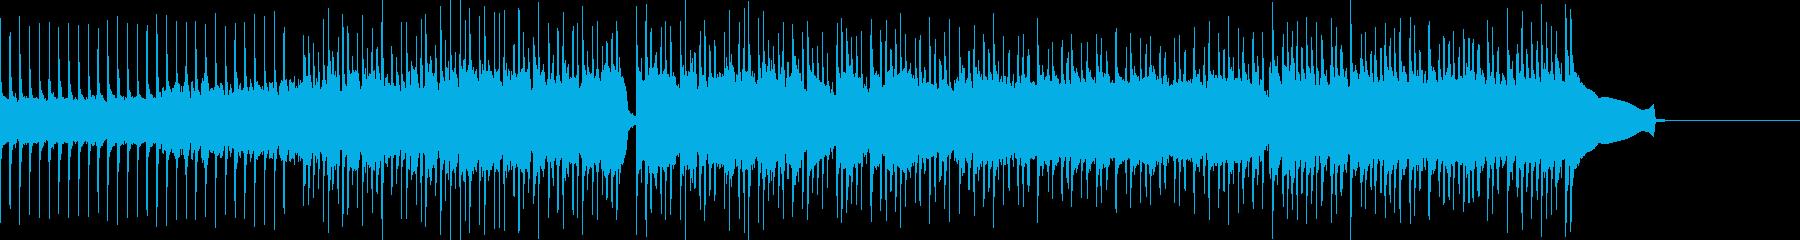 重いロックなポップスの再生済みの波形